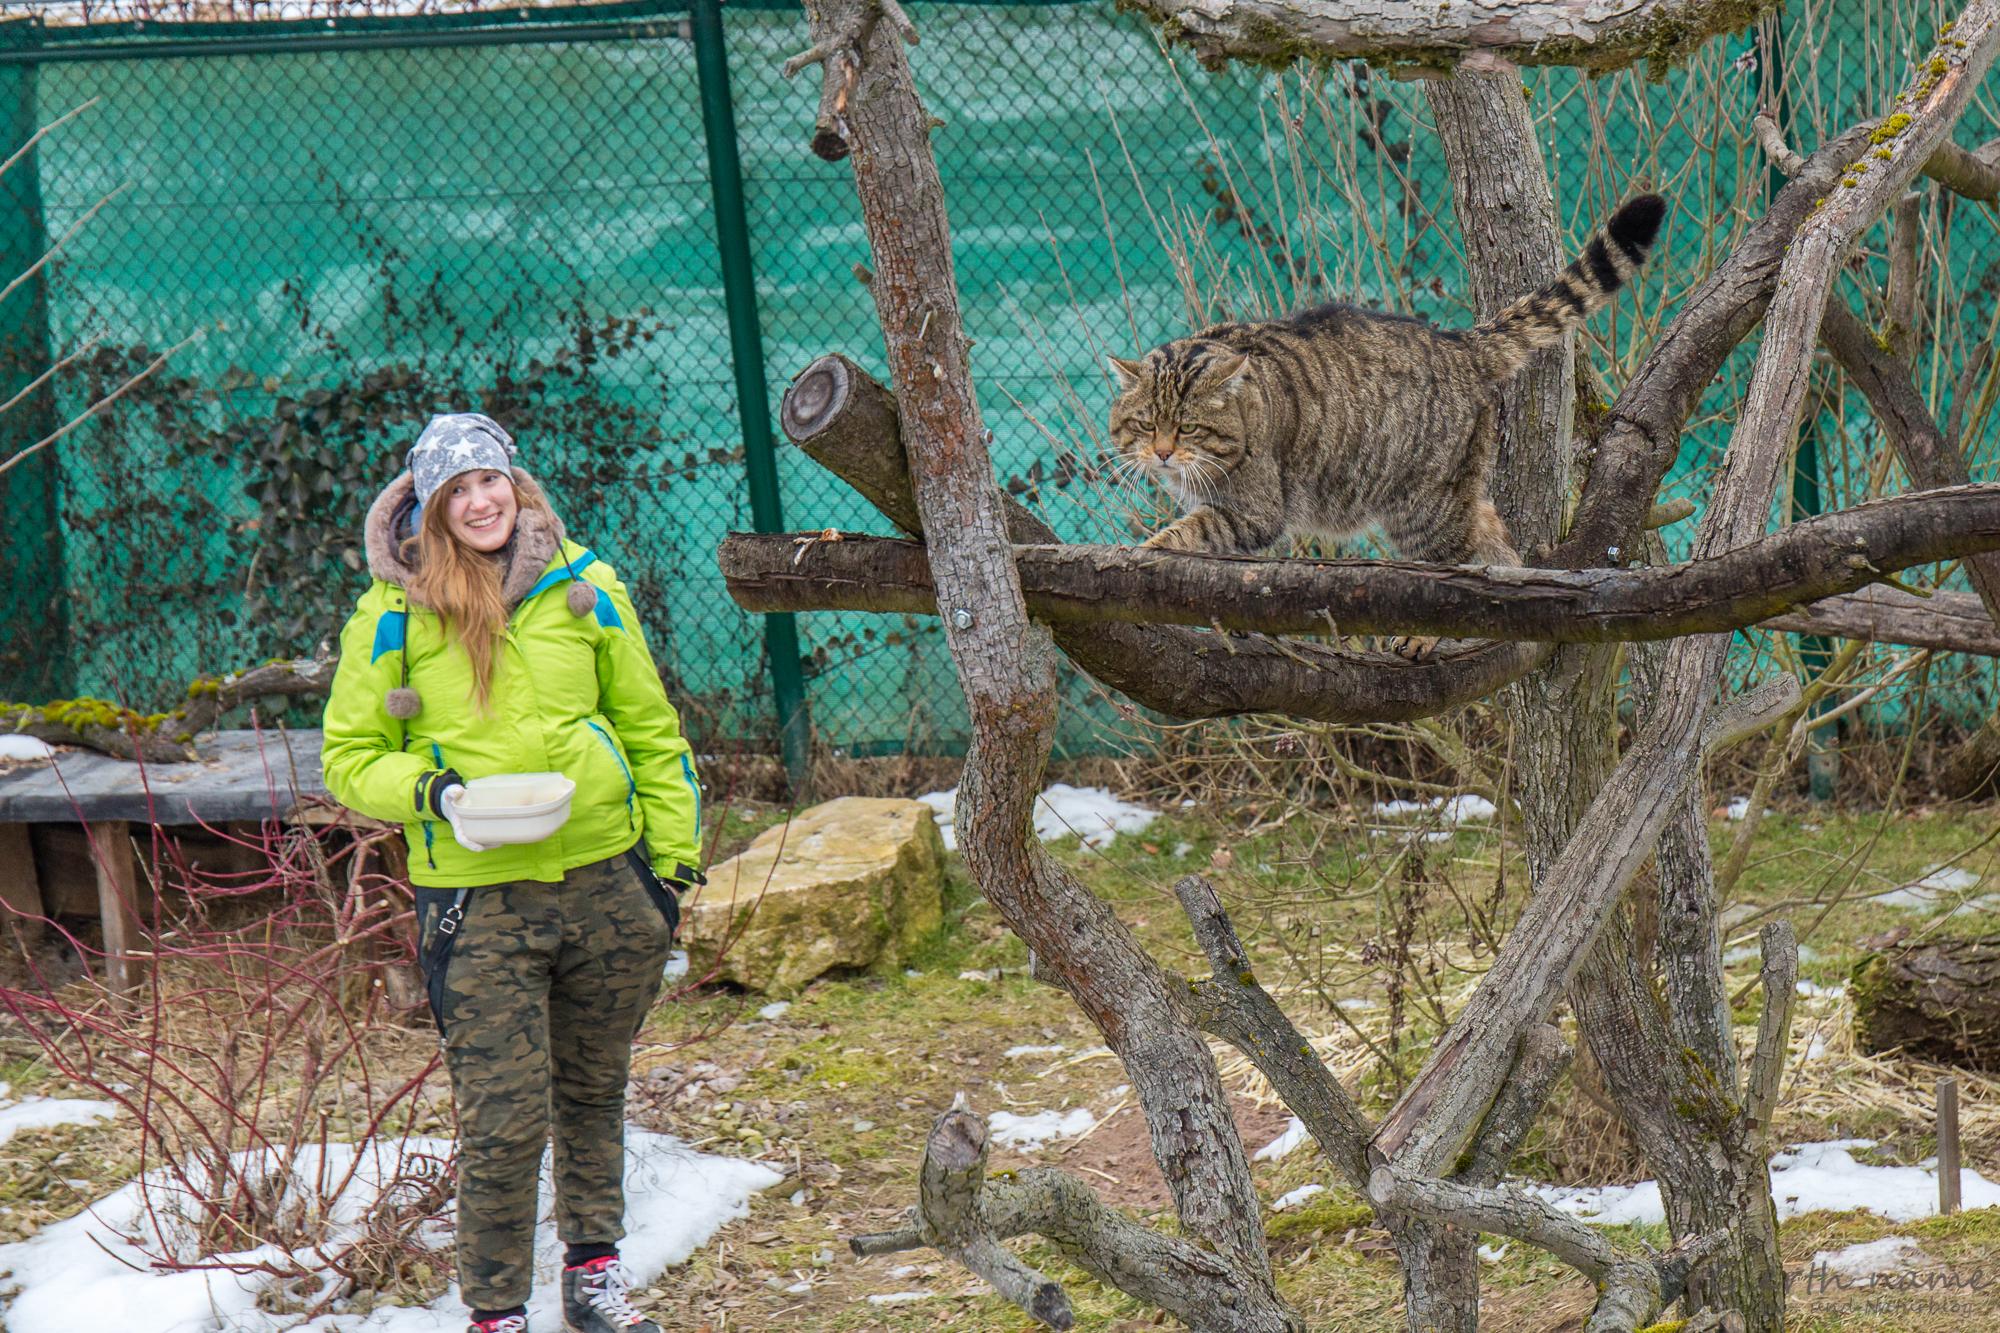 Tierpflegerin mit Katze